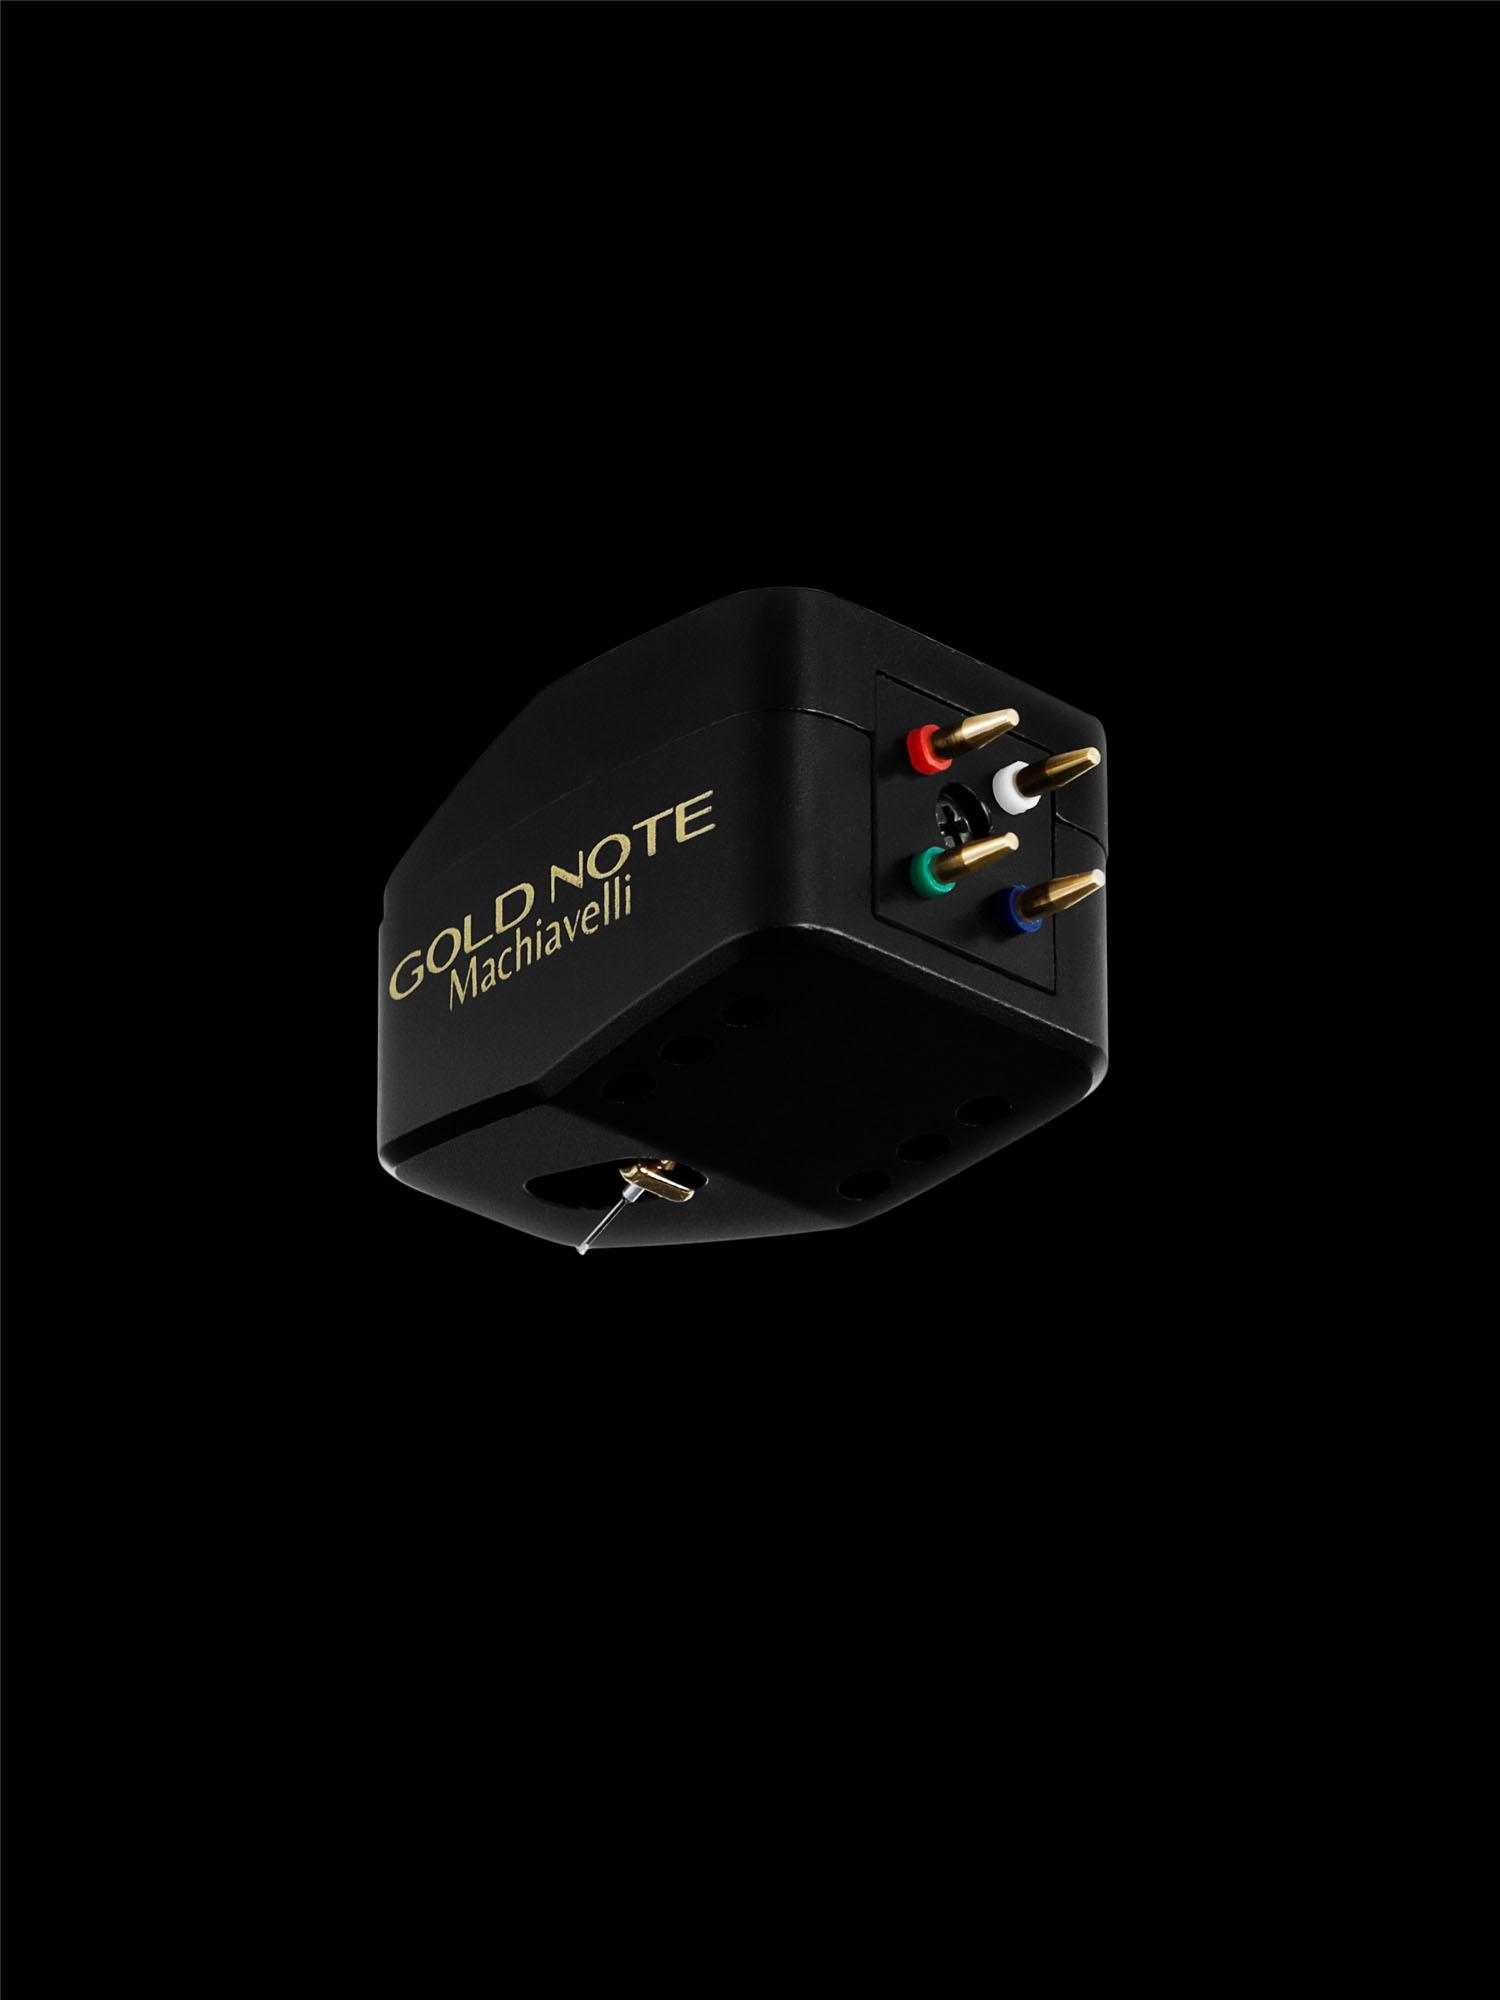 Gold Note Machiavelli Gold Cartridge